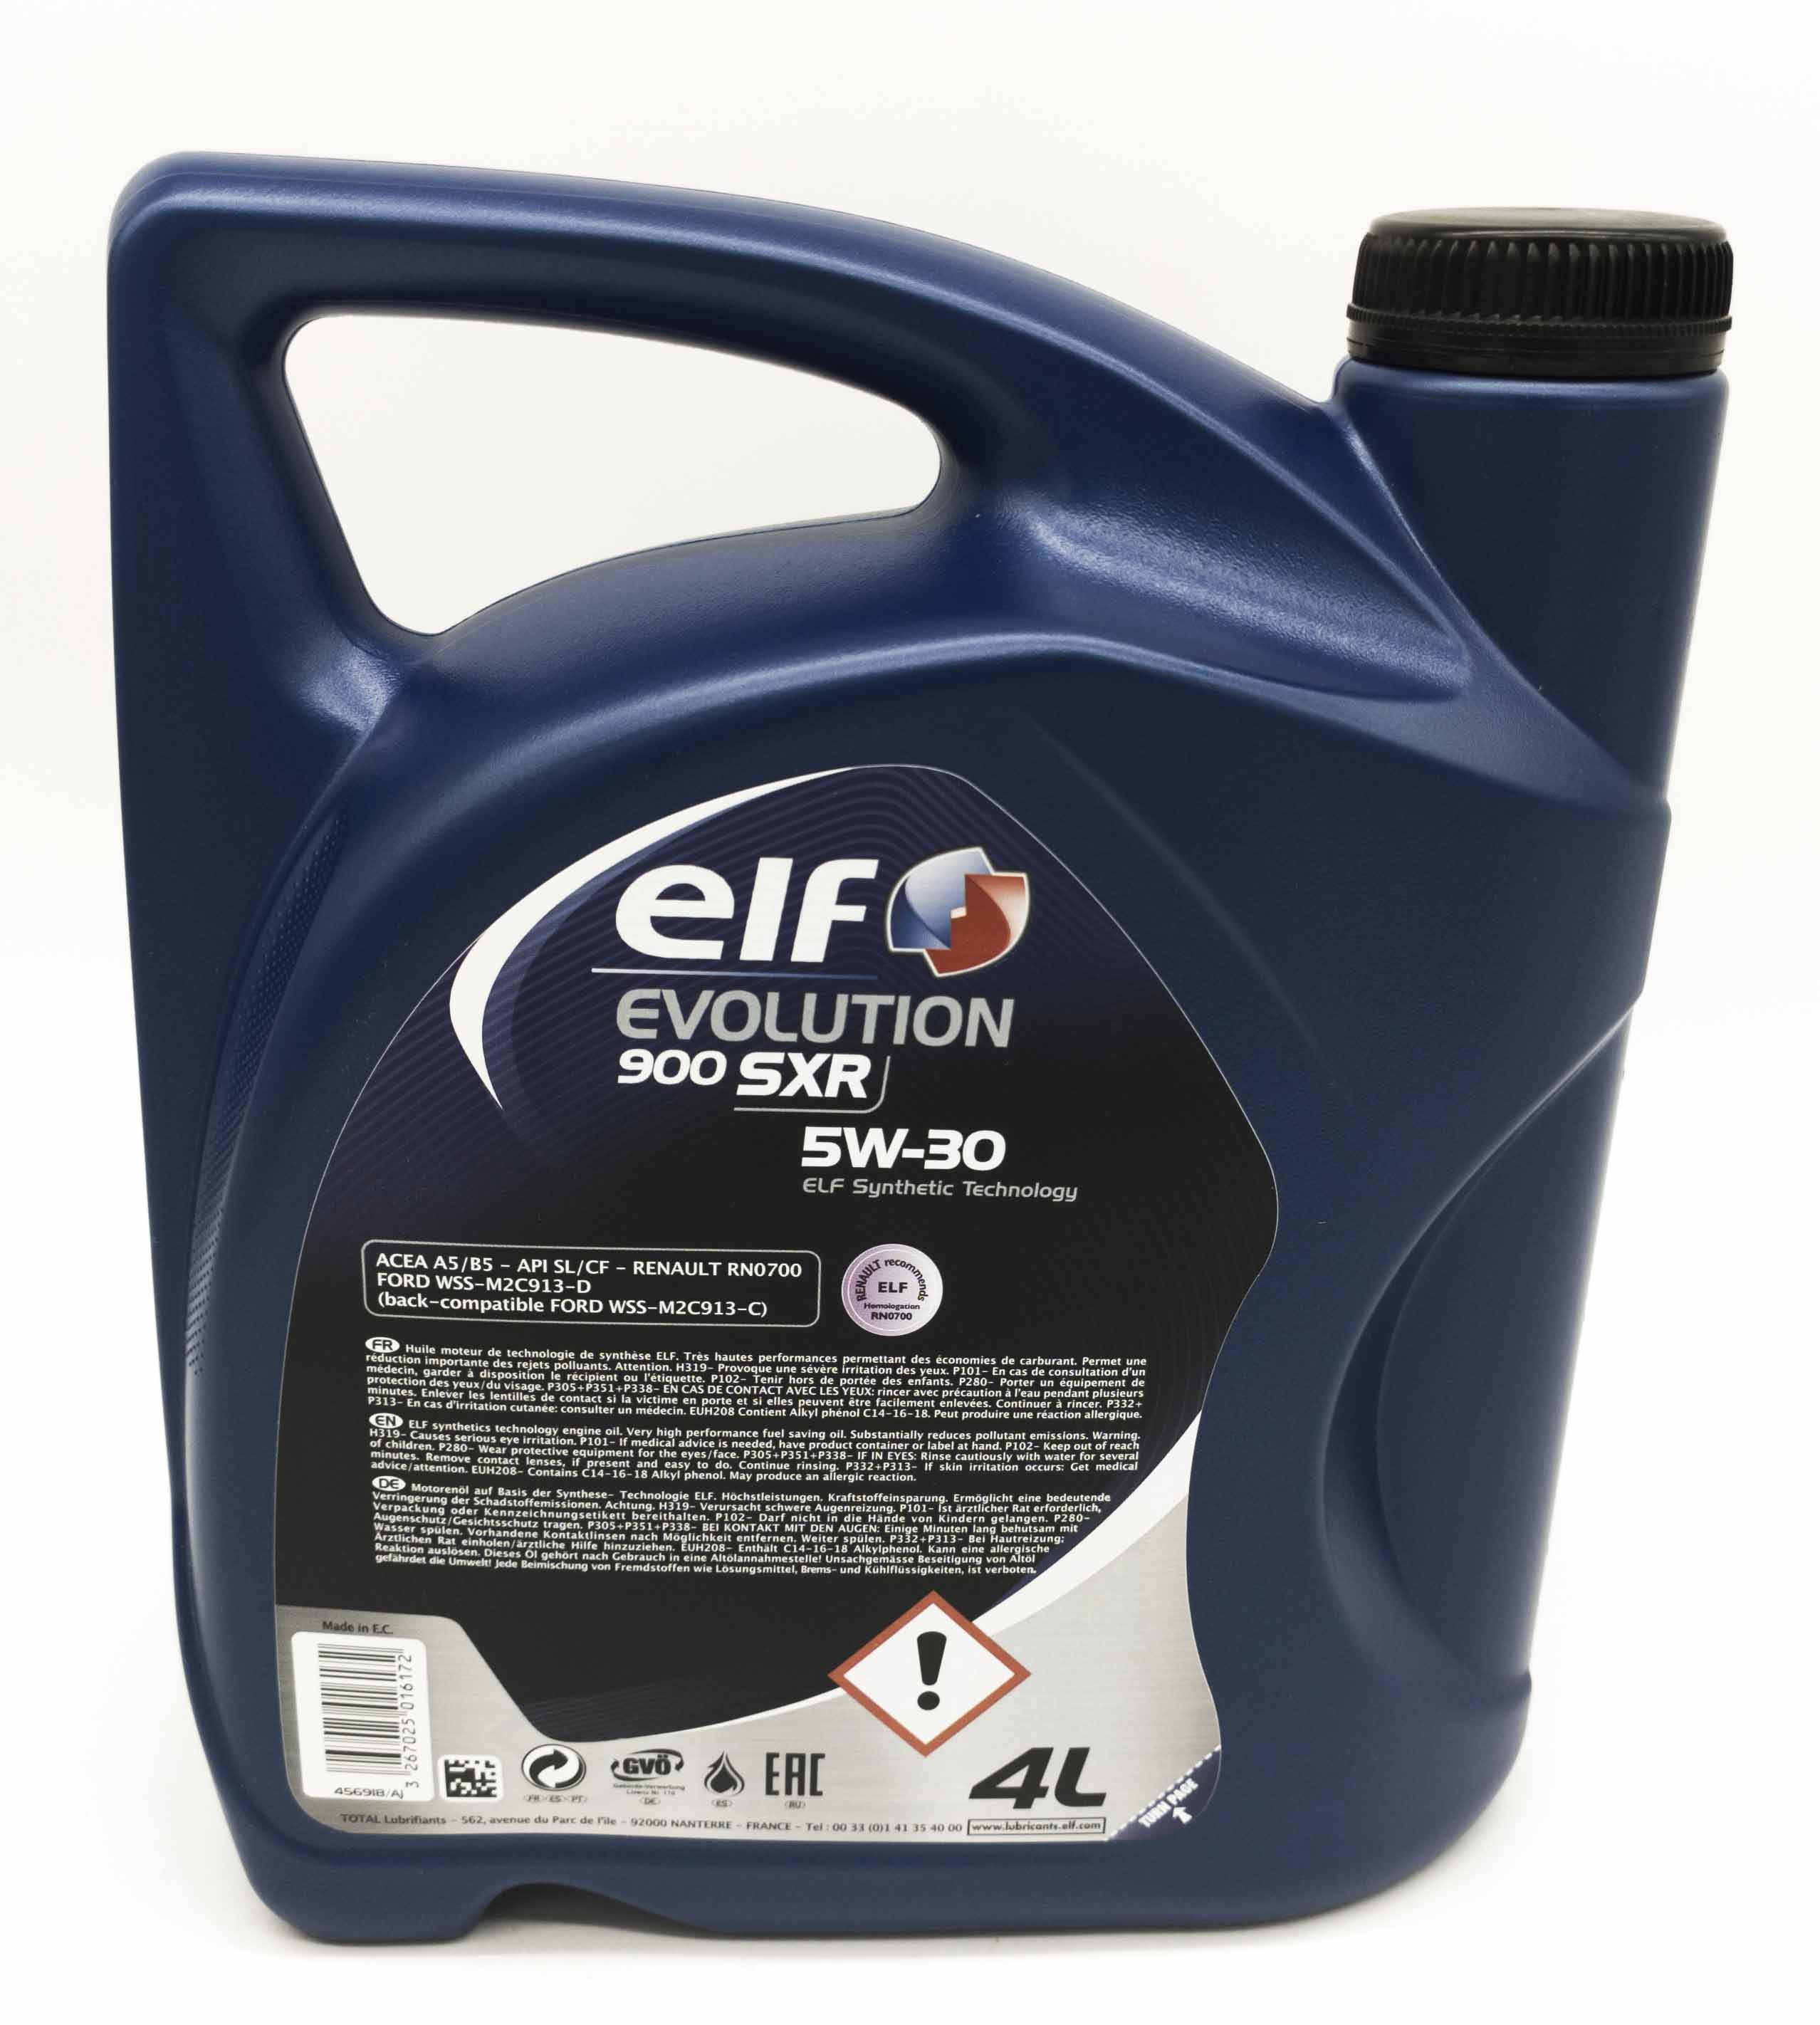 OLEJ ELF 5W-30 EVOLUTION 900 SXR 4L